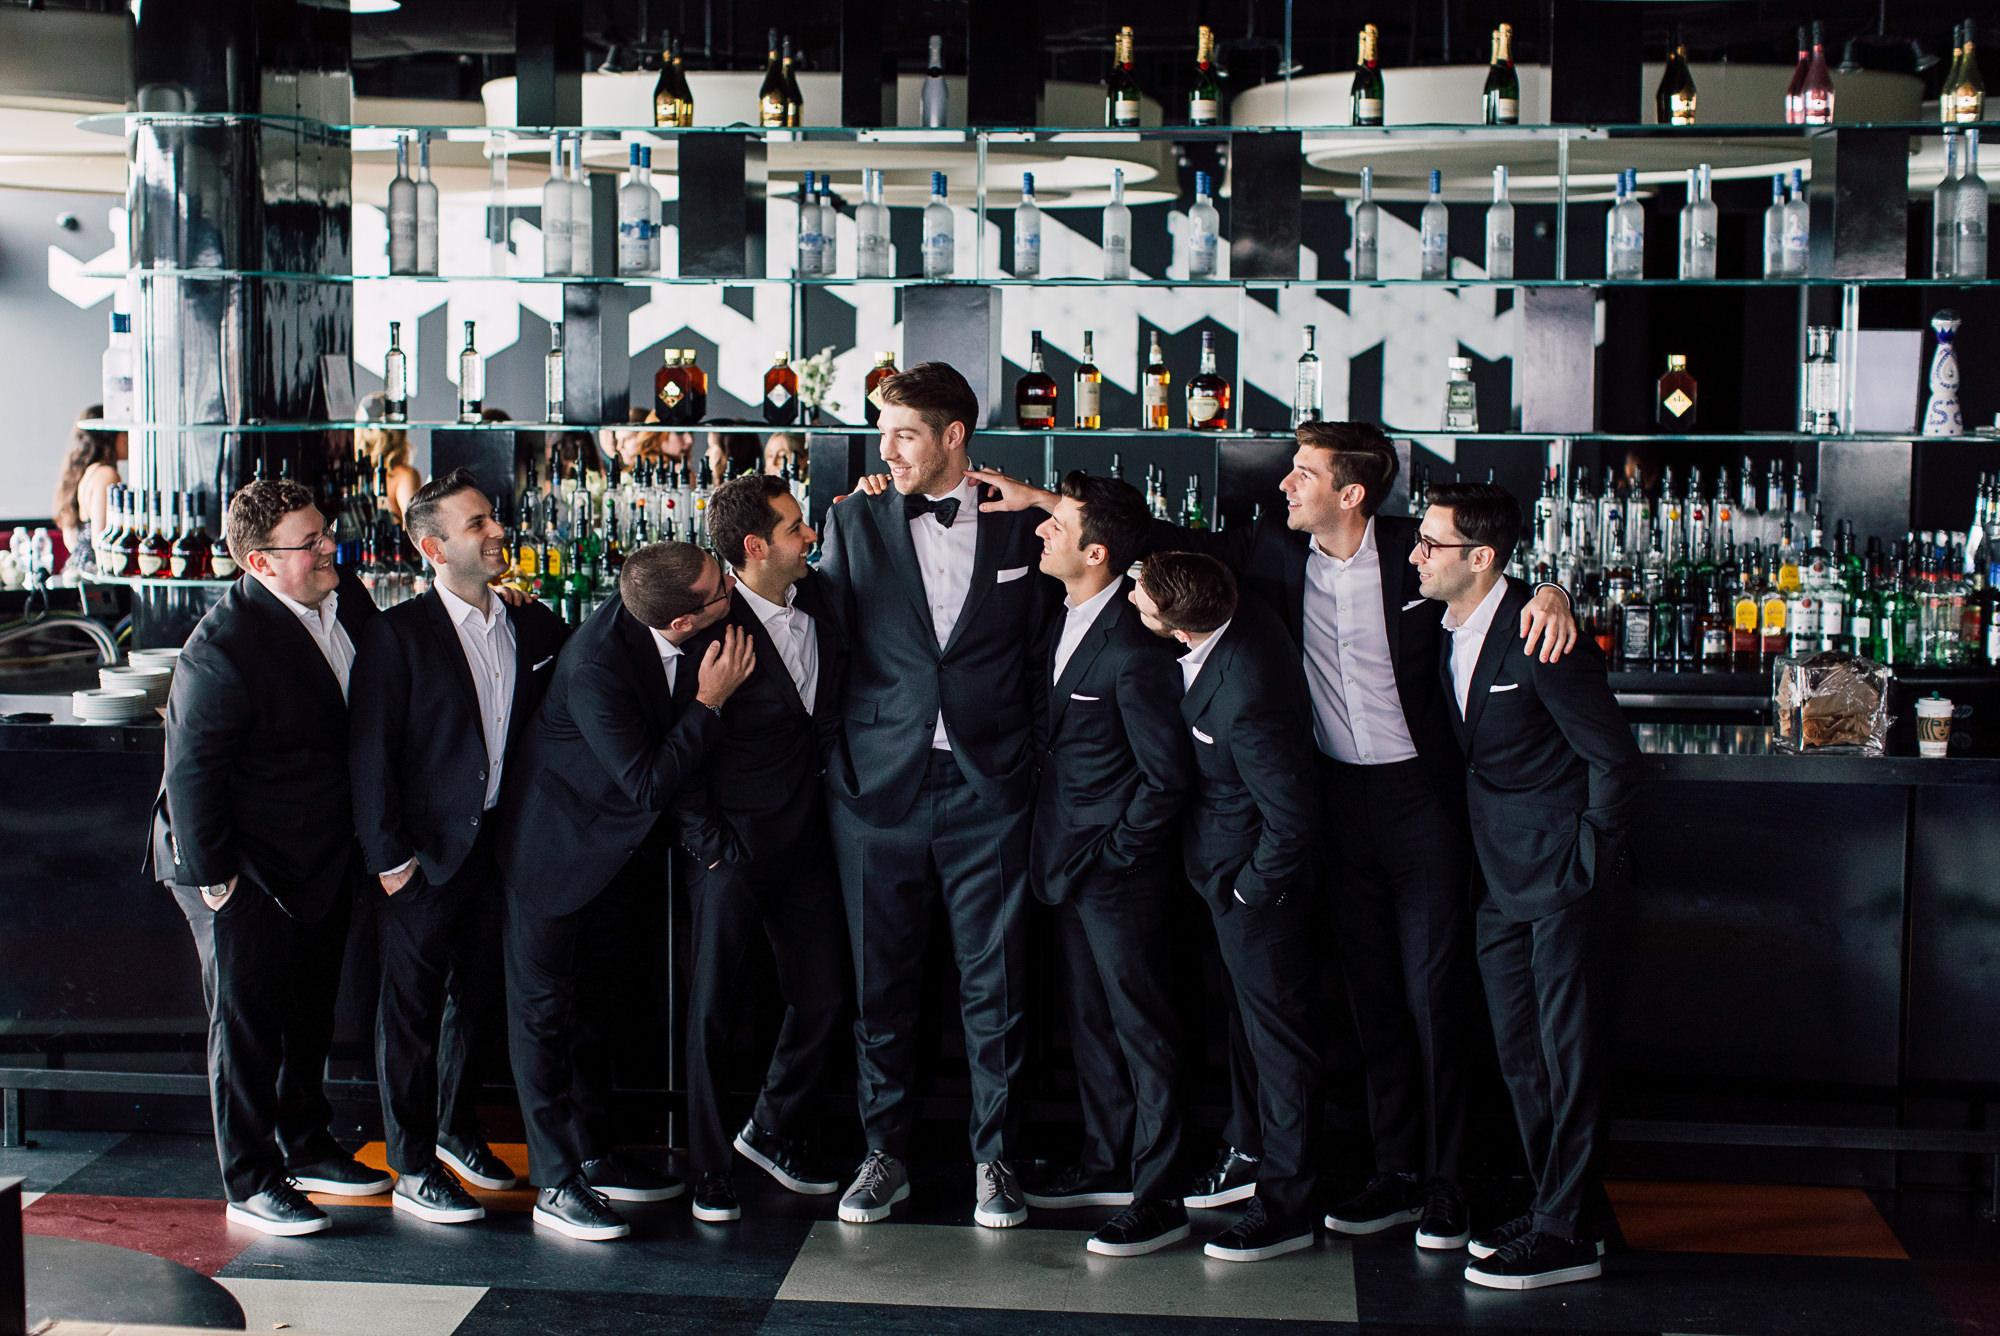 groomsmen tuxedo suit